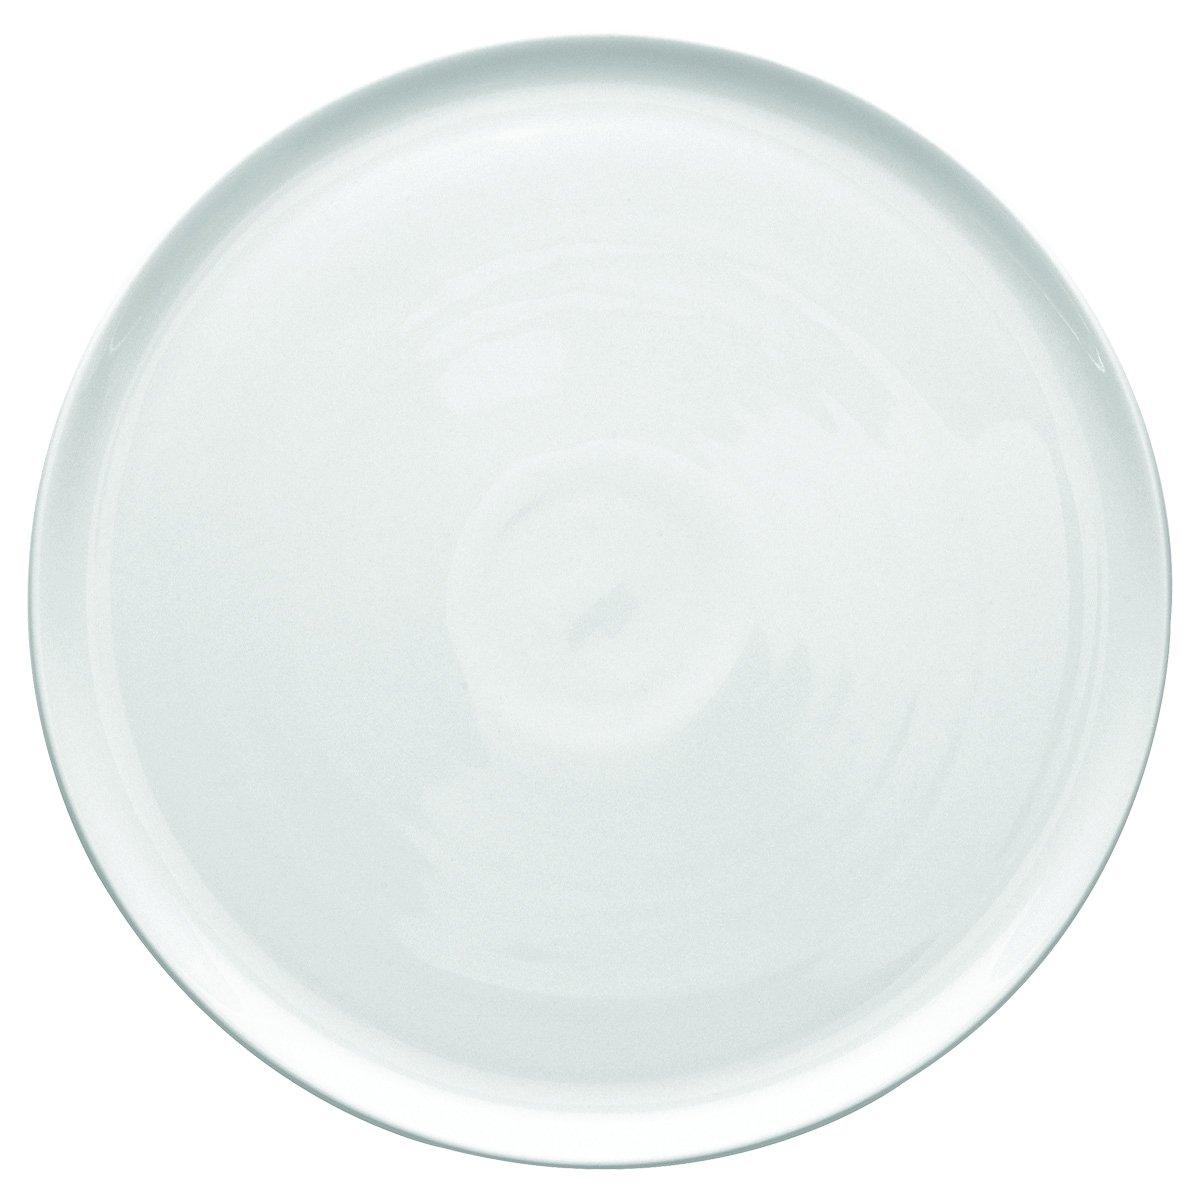 Guy Degrenne Modulo 136524, Piatto piano porcellana, 32 cm, Colore: Bianco